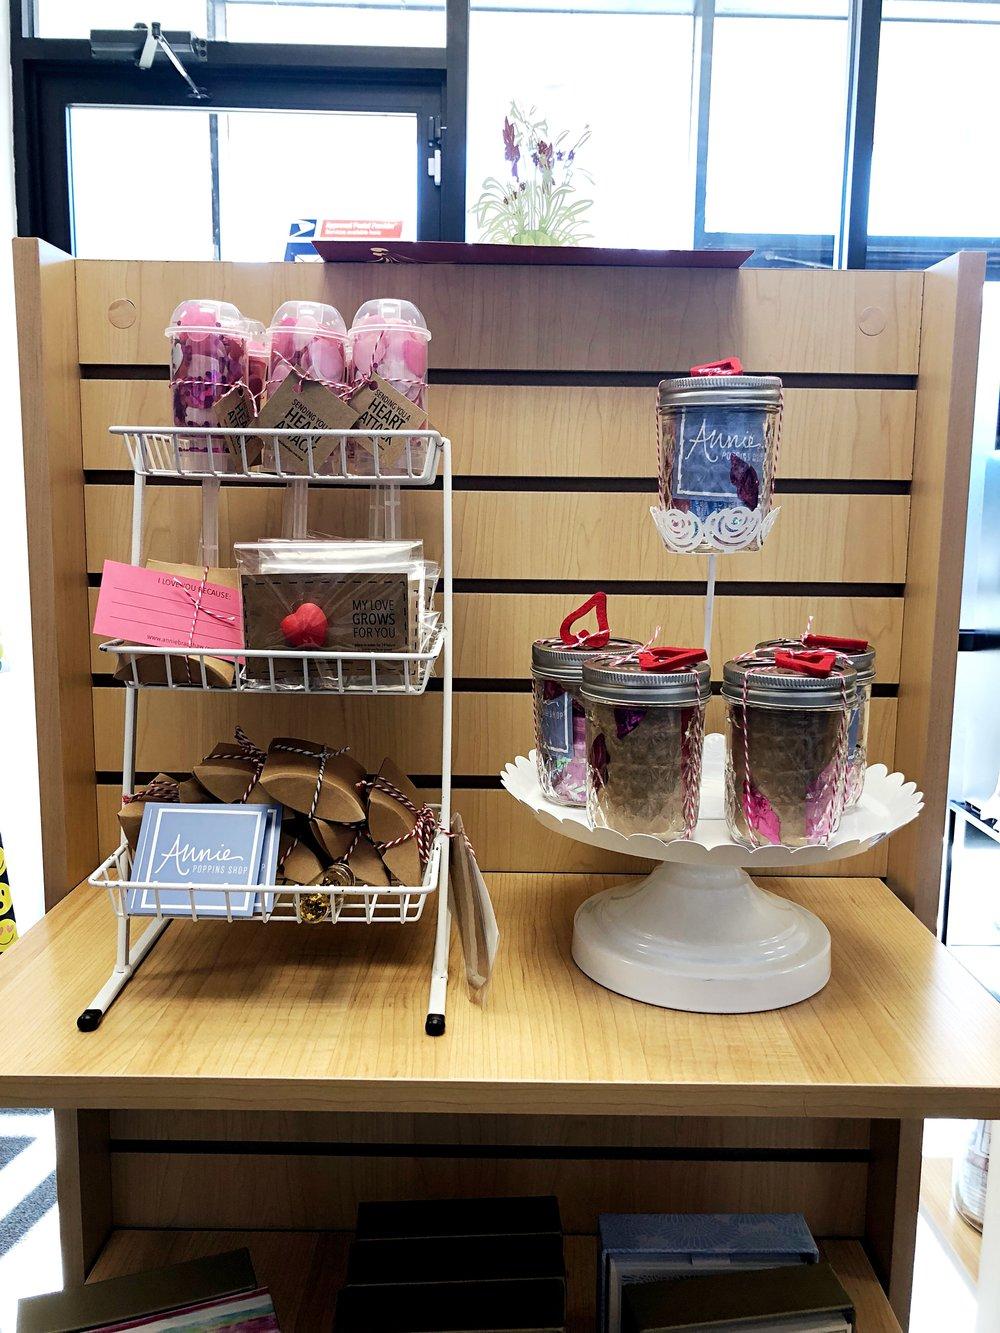 Annie Poppins in a retail store (!!)